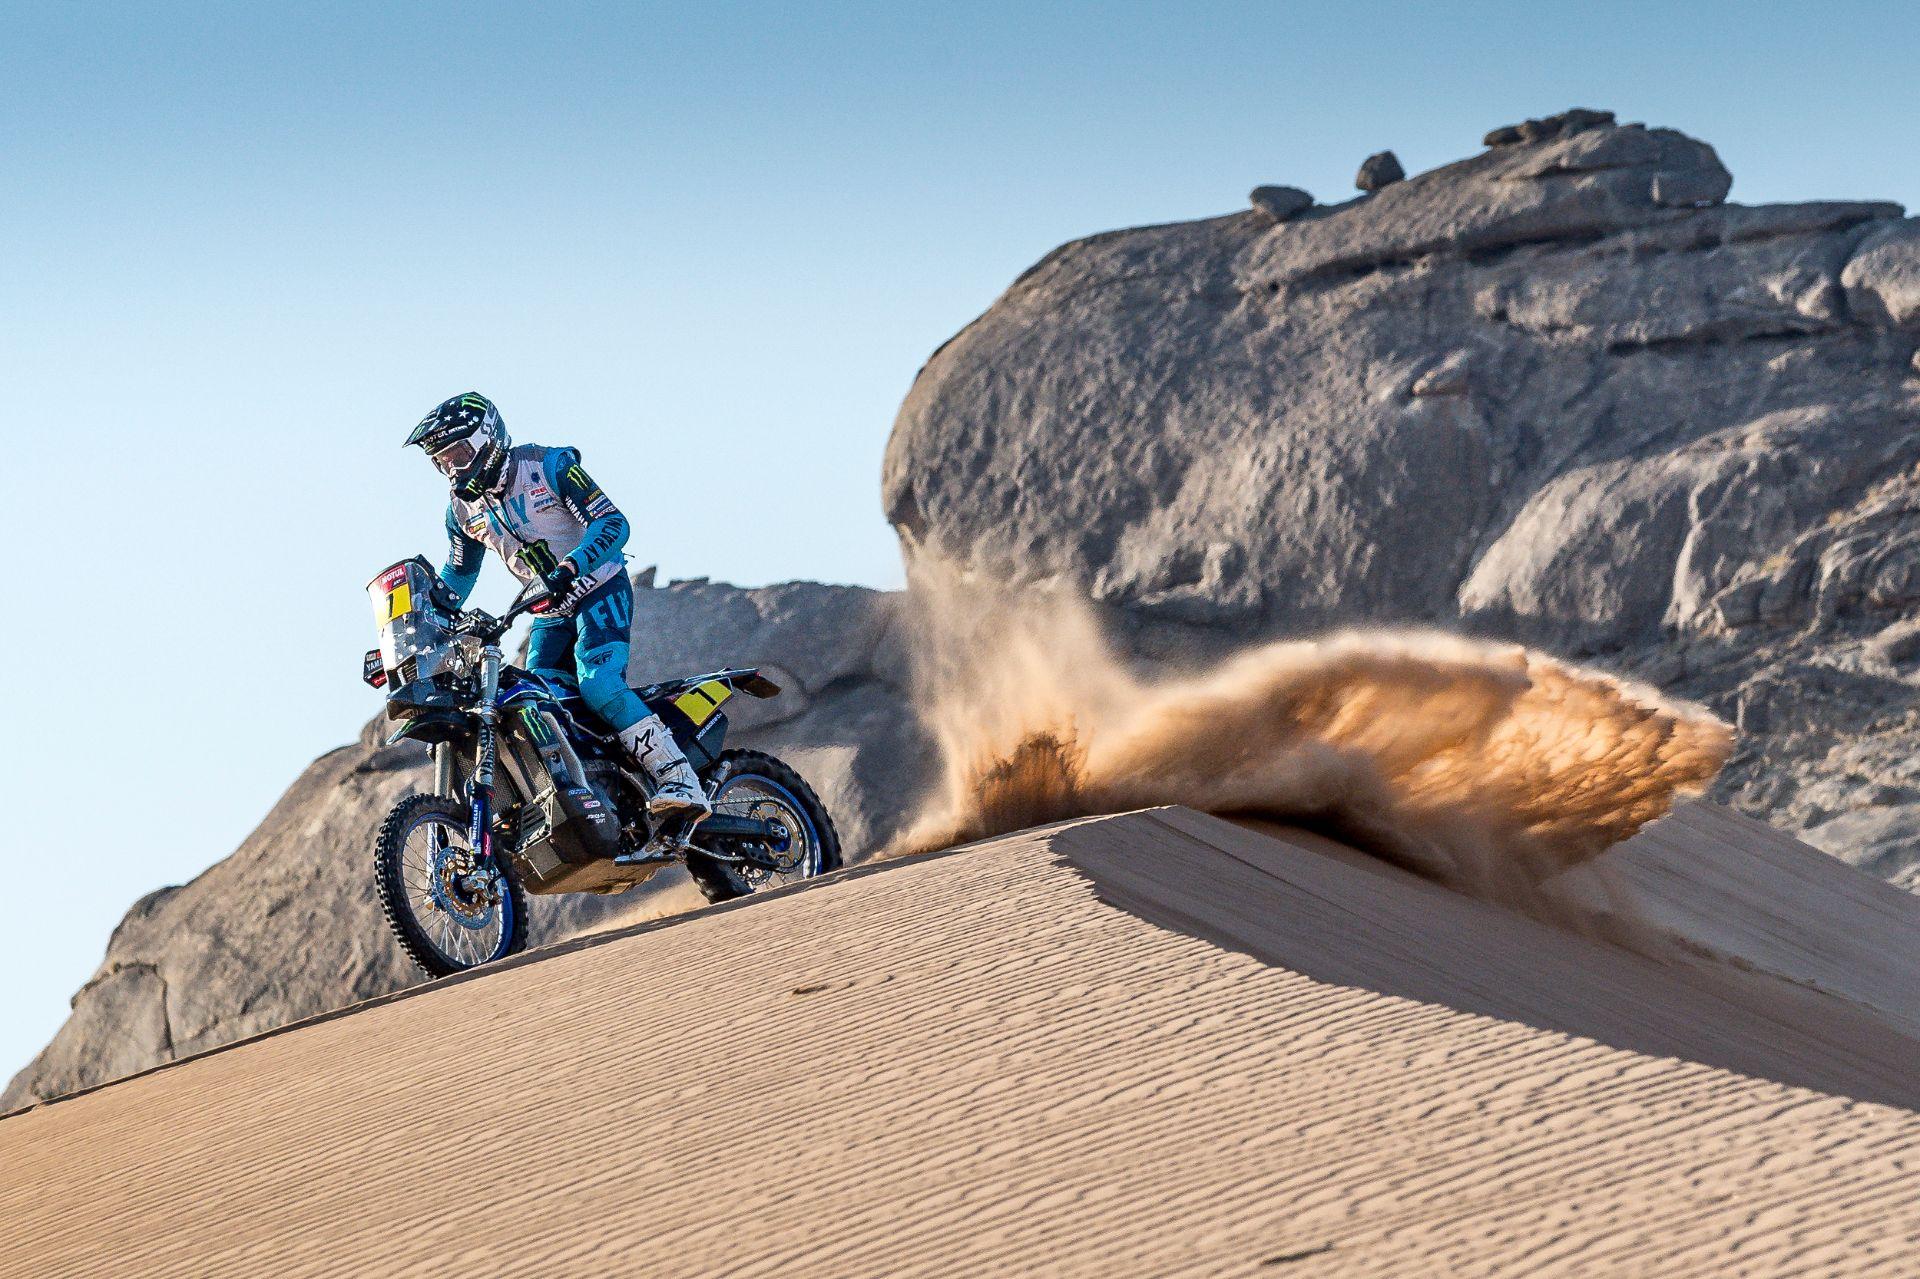 Dakaras. Į motociklų bakus buvo pilami degalai su vandeniu